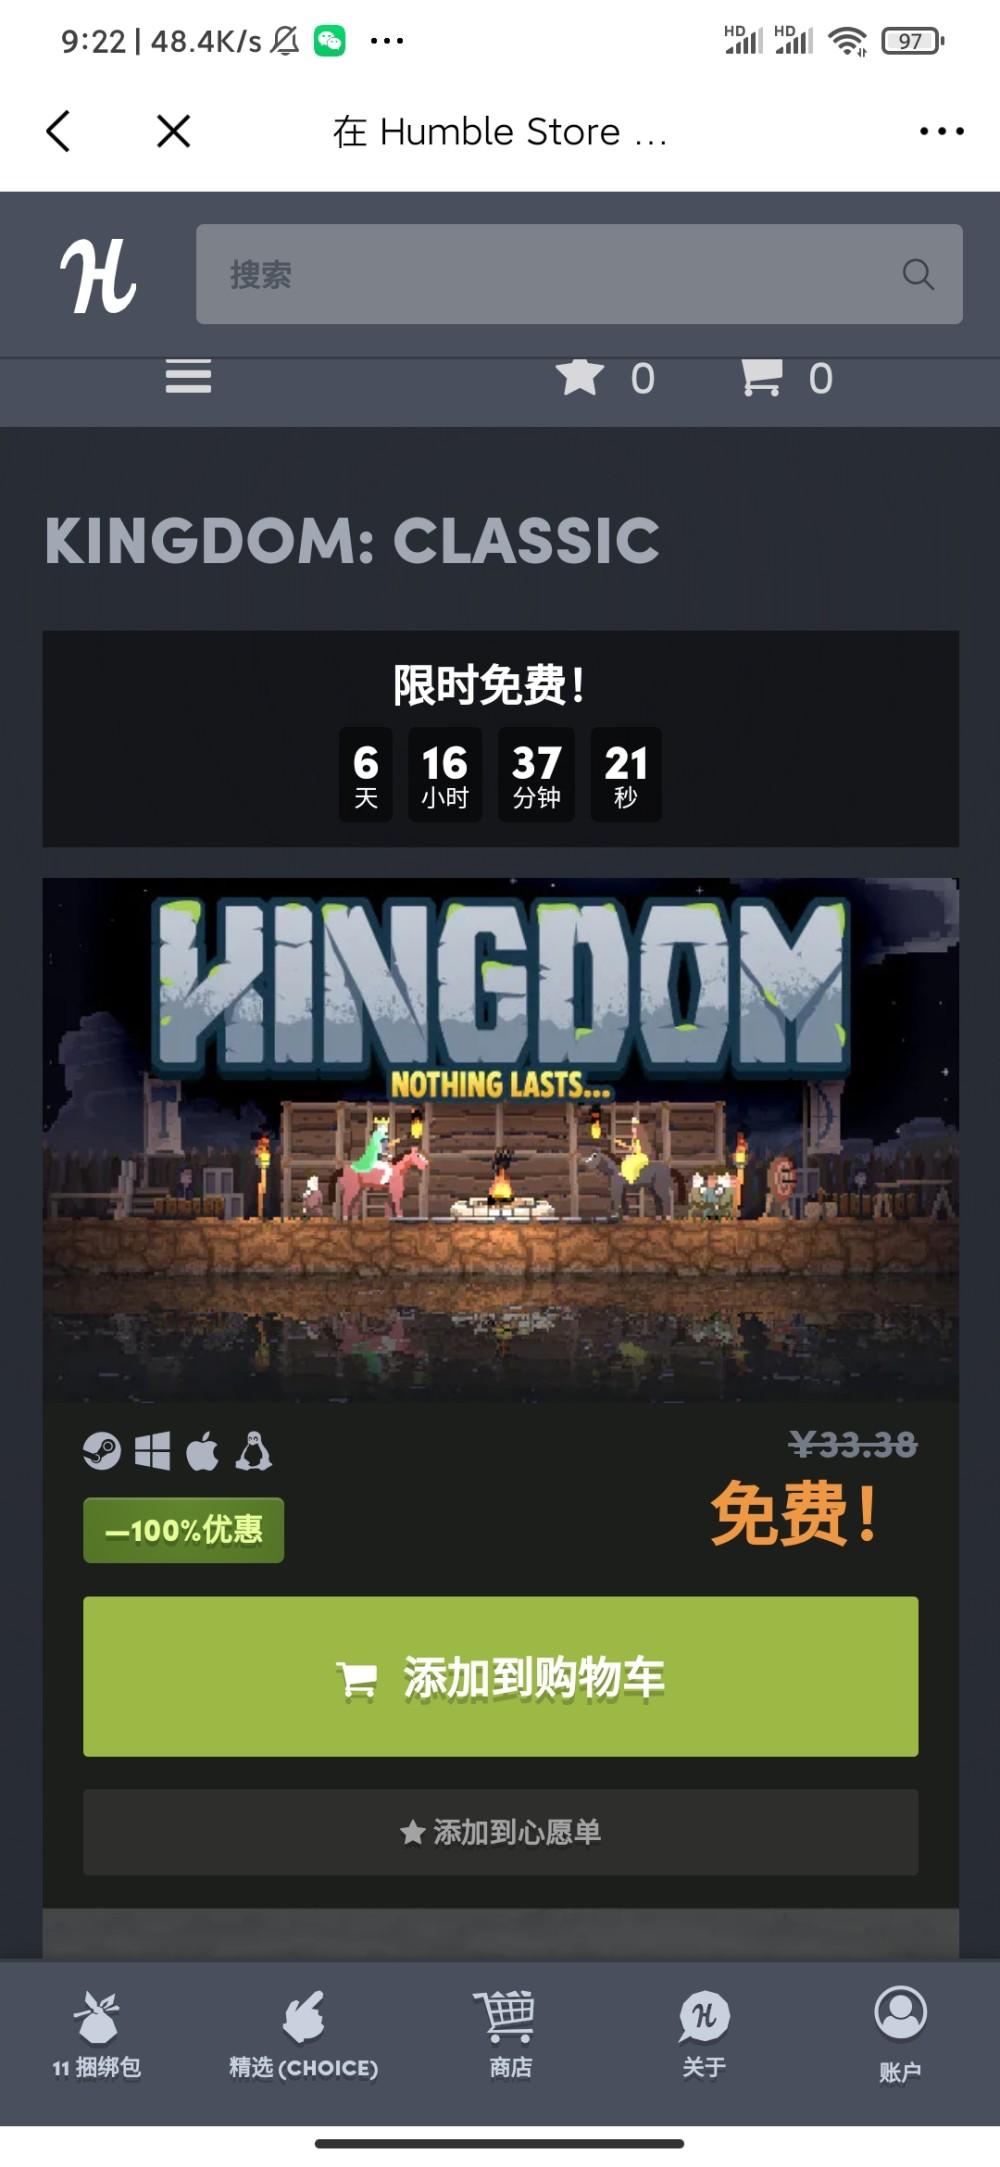 图片[1]-HB平台喜+1限时免费领取《王国》经典版-飞享资源网